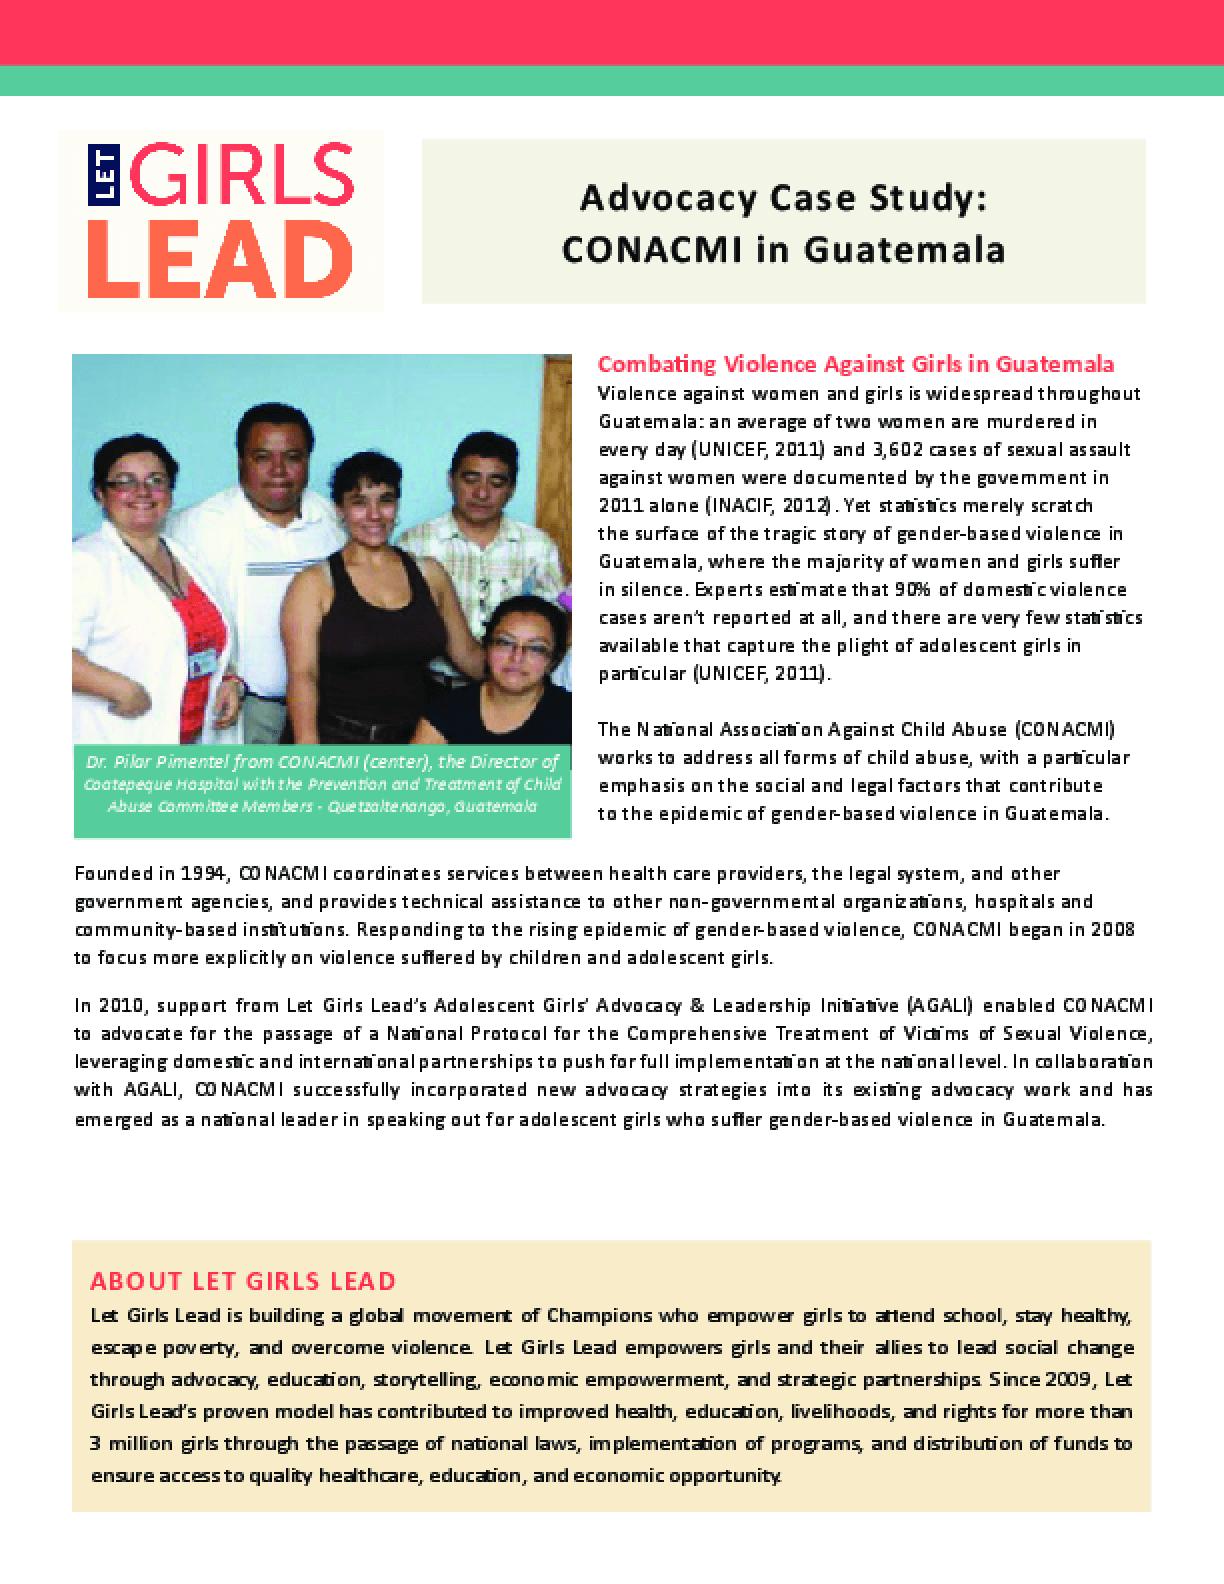 Advocacy Case Study: CONACMI in Guatemala